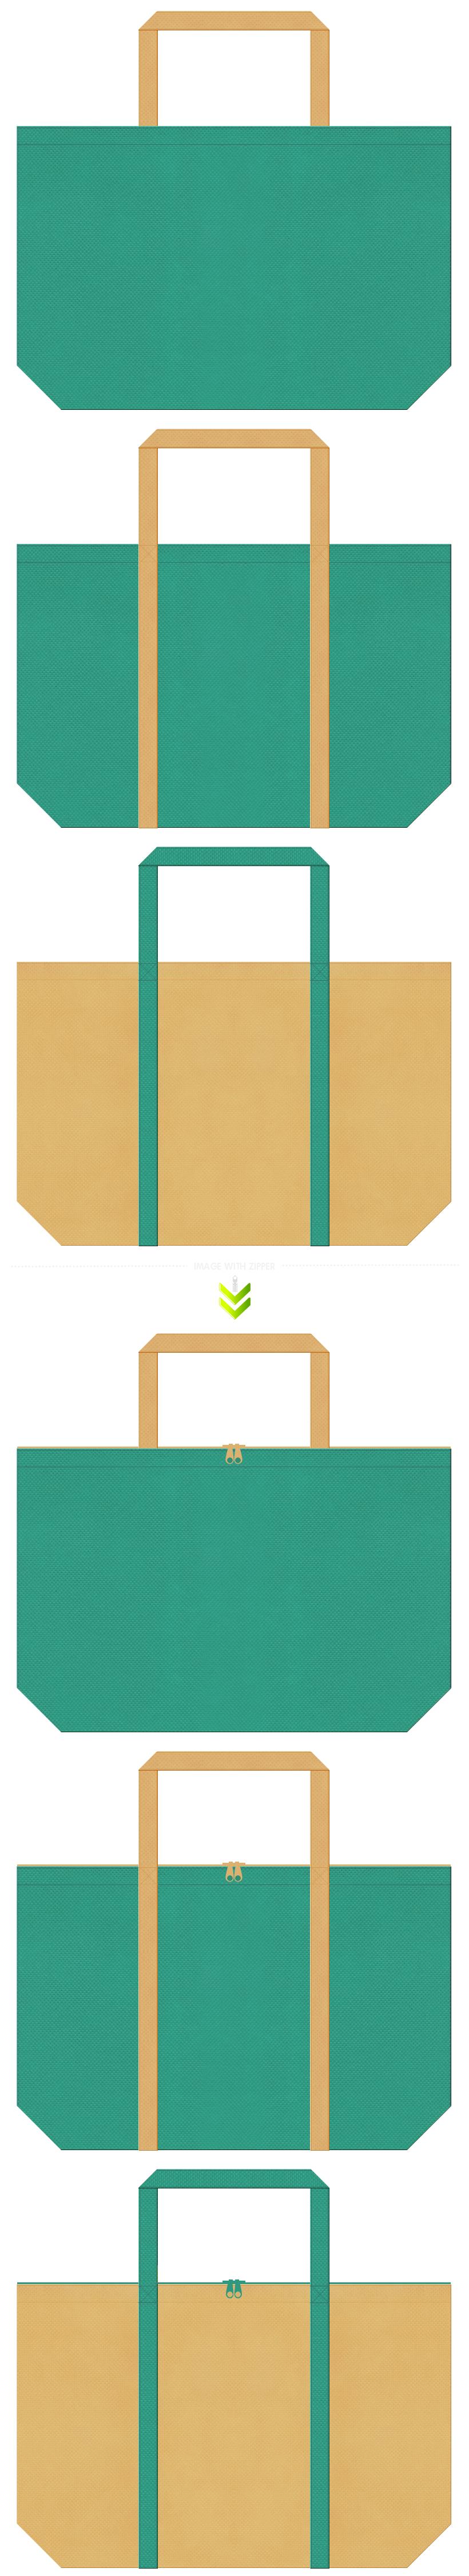 絵本・おとぎ話・木の看板・ビーチ・砂浜・園芸用品・工作教室・DIY・野菜・牧場・産直市場のショッピングバッグにお奨めの不織布バッグデザイン:青緑色と薄黄土色のコーデ